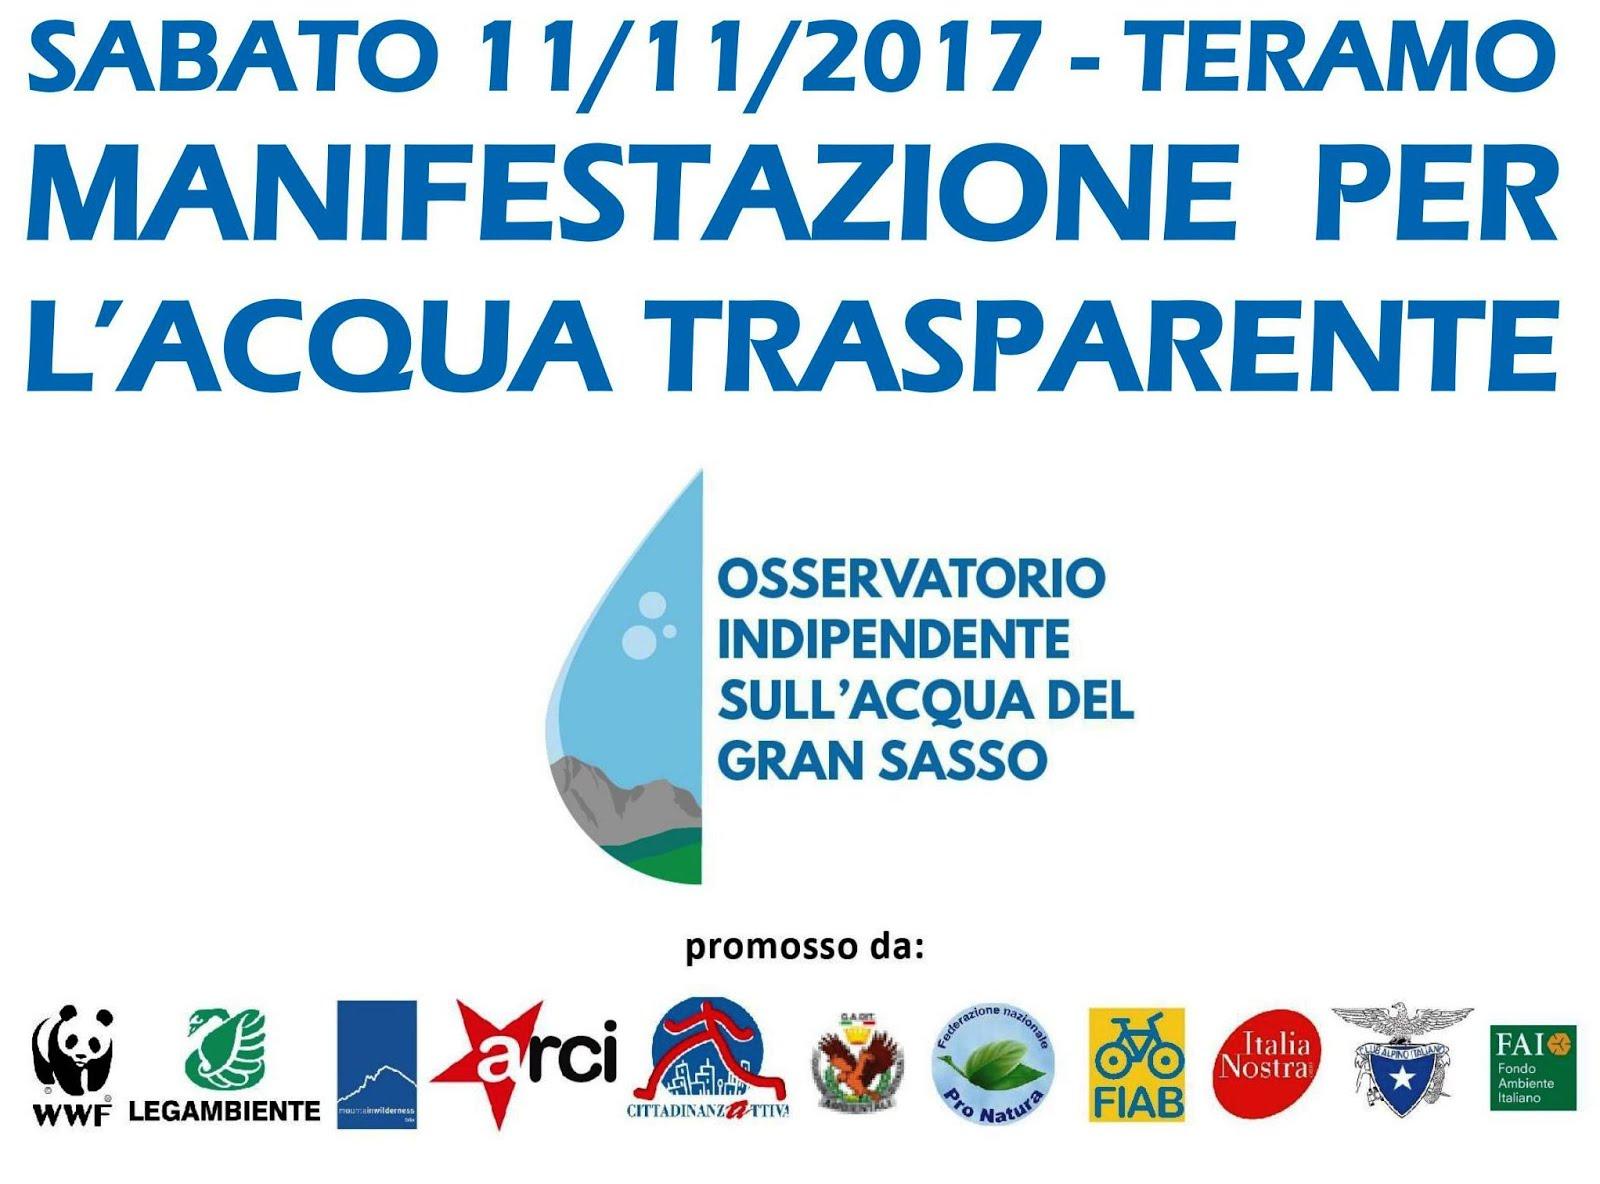 Manifestazione per l'acqua trasparente